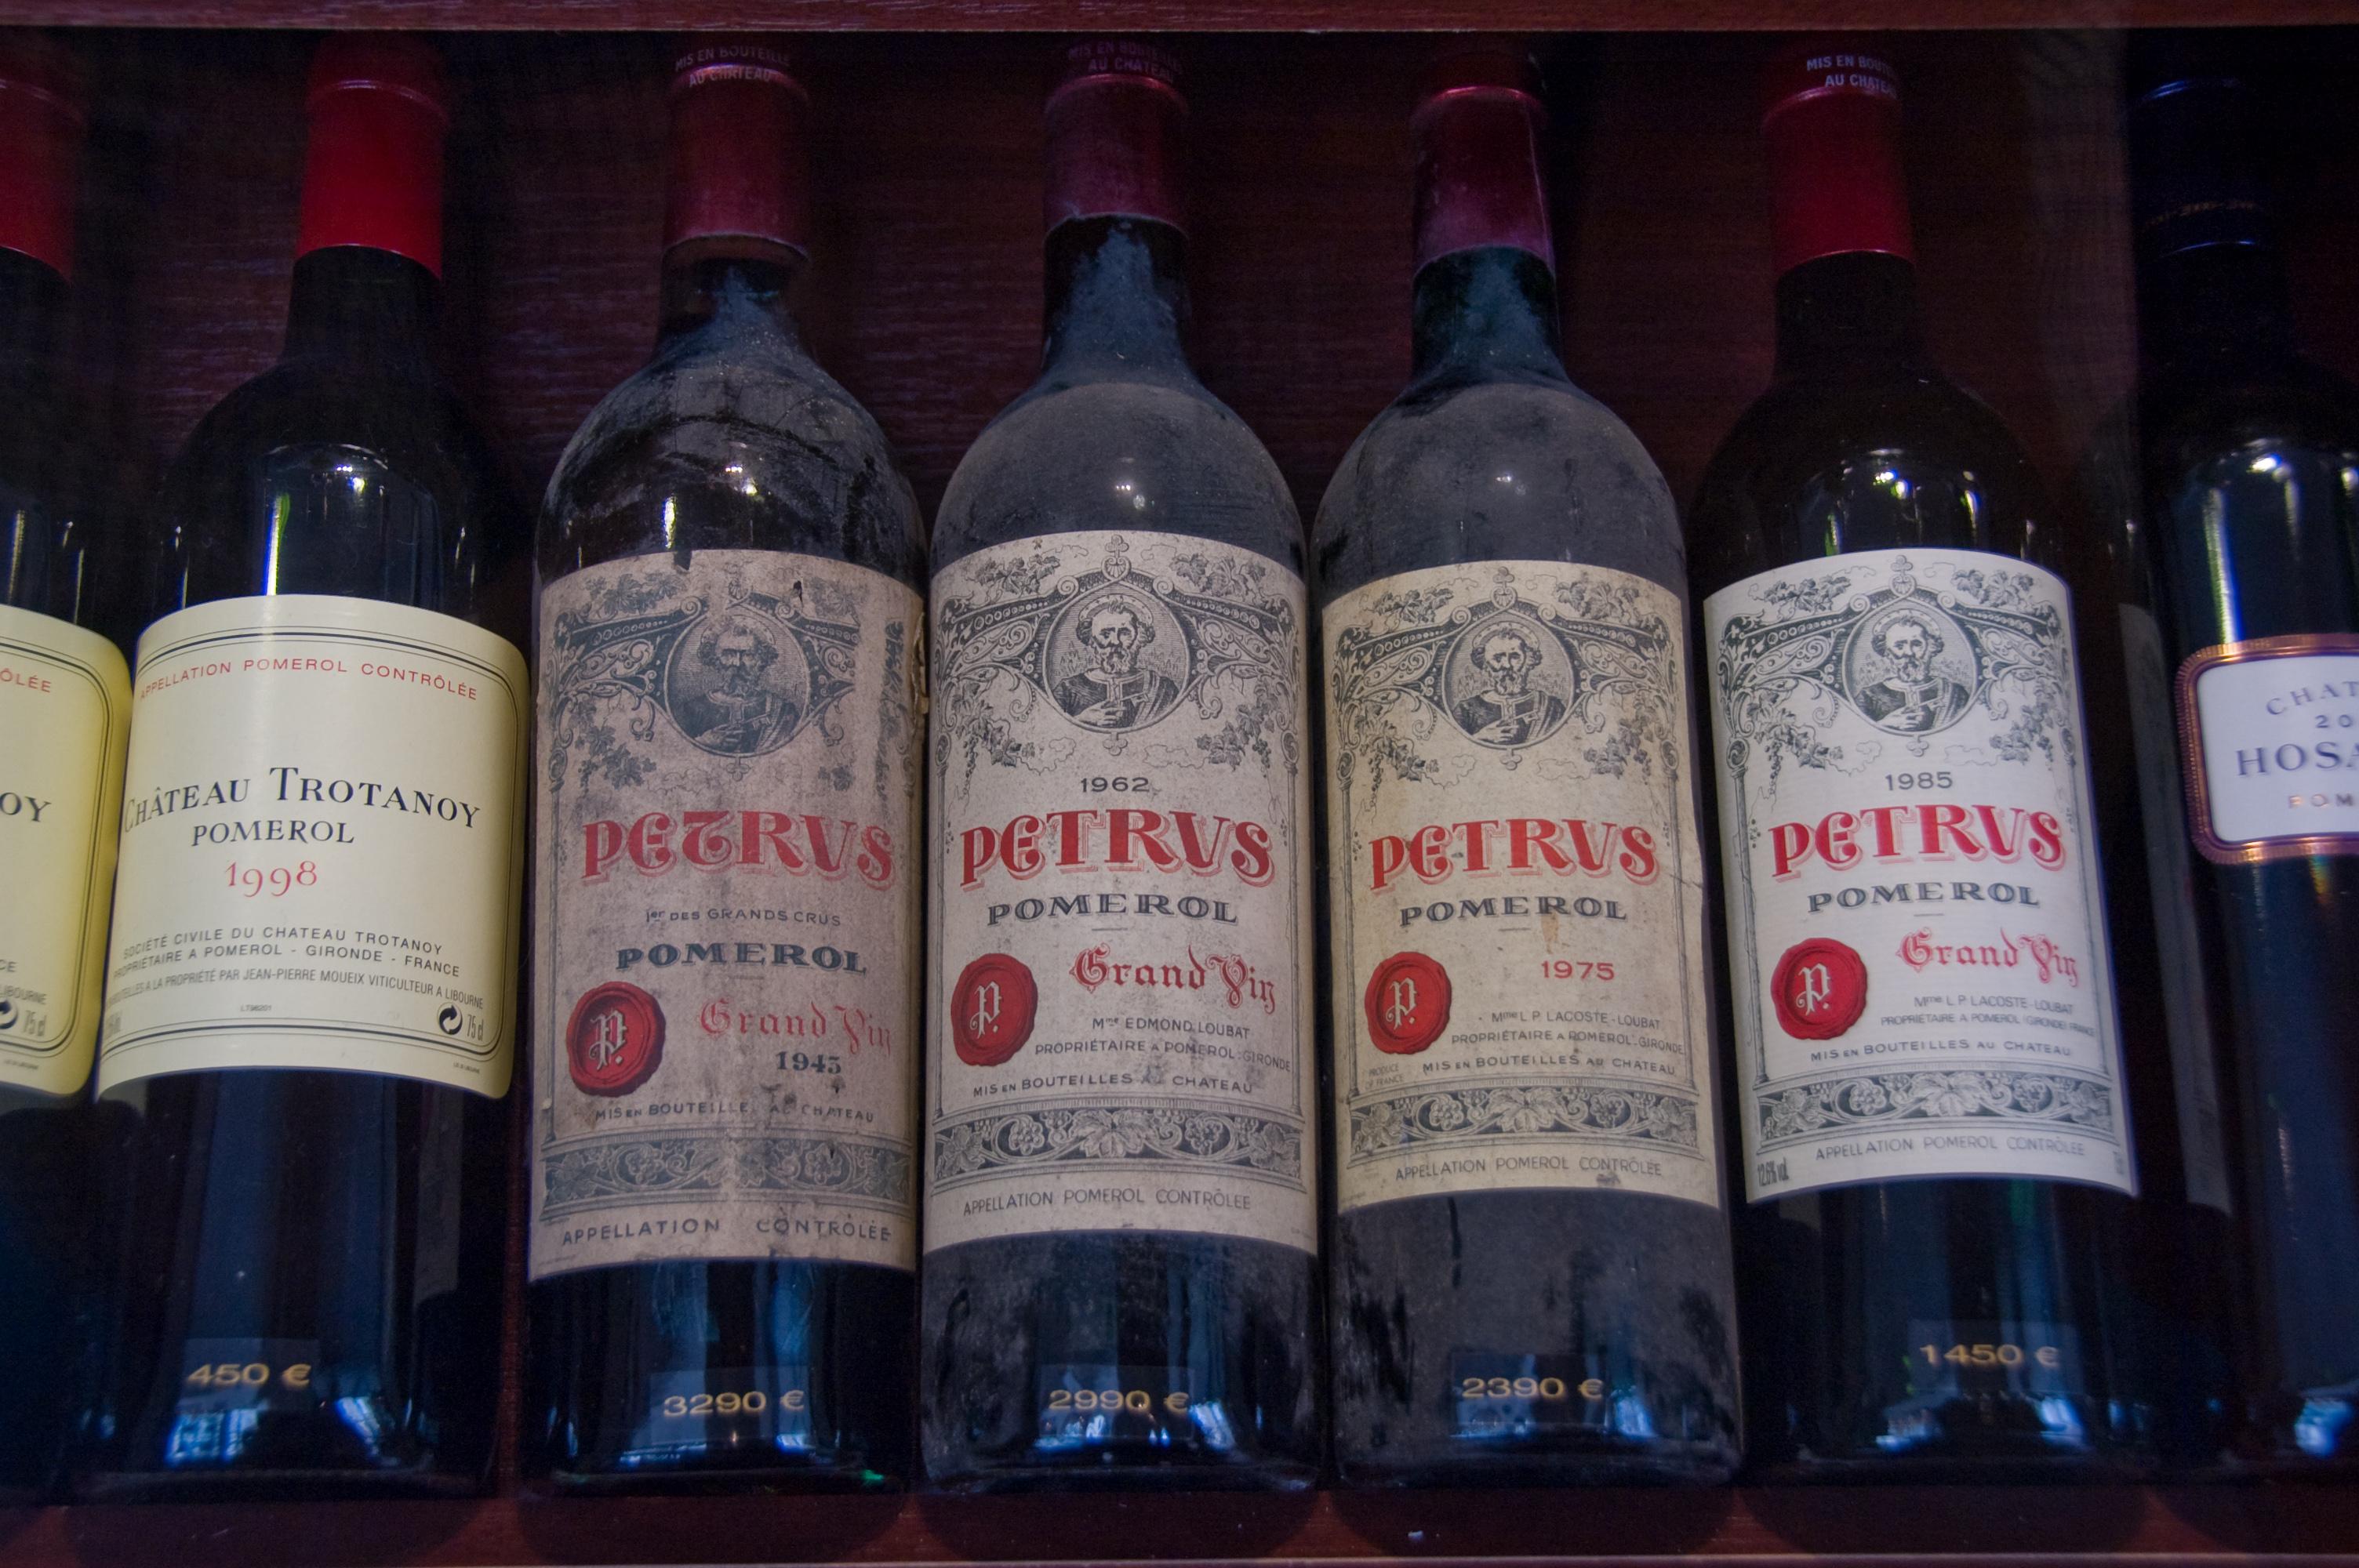 Haben Sie den im Keller? – Die teuersten Weine der Welt!